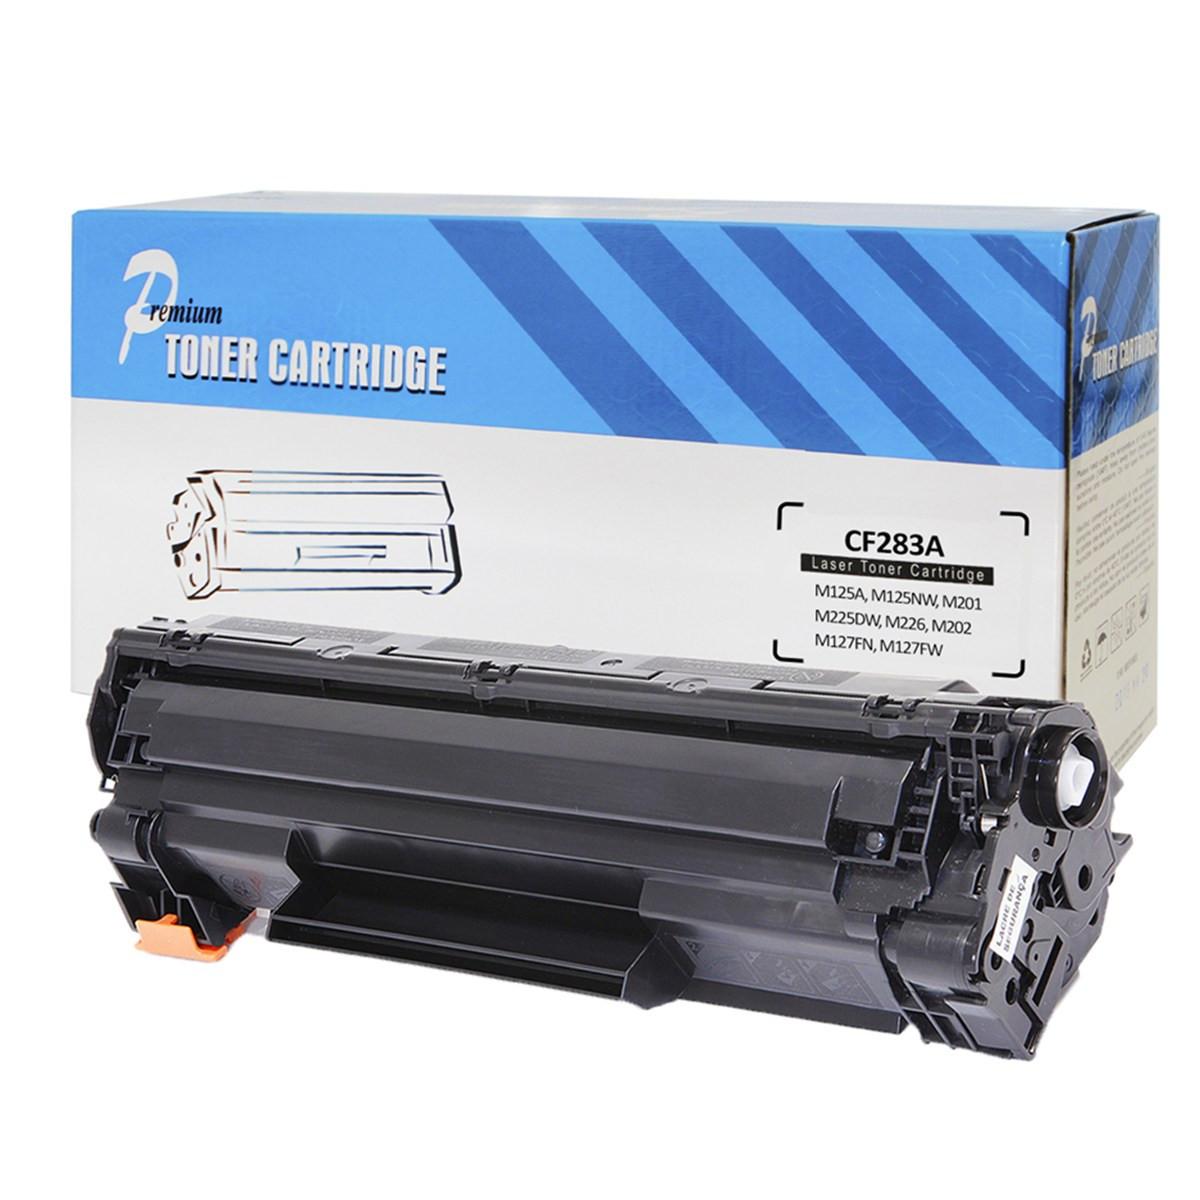 Caixa com 15 Toner Compatível com HP CF283A 83A | M125 M201 M225 M226 M202 M127 | Premium